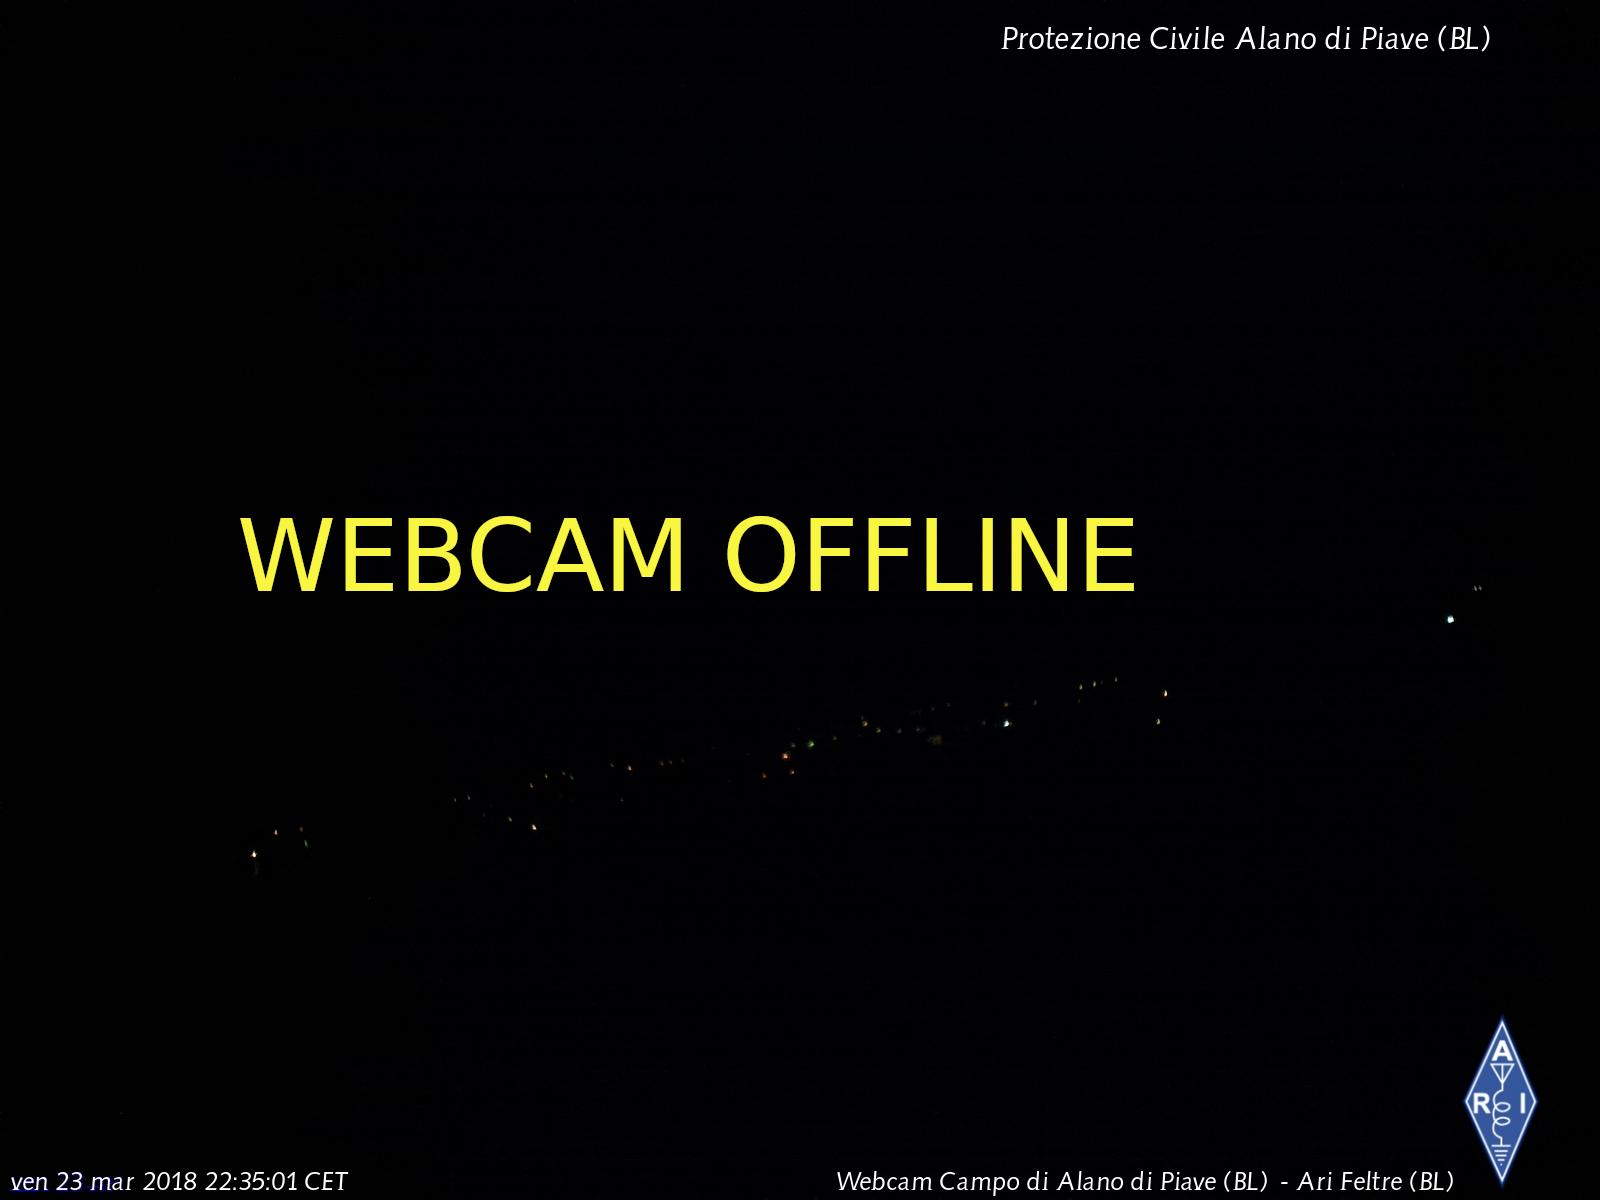 webcam - Alano di Piave